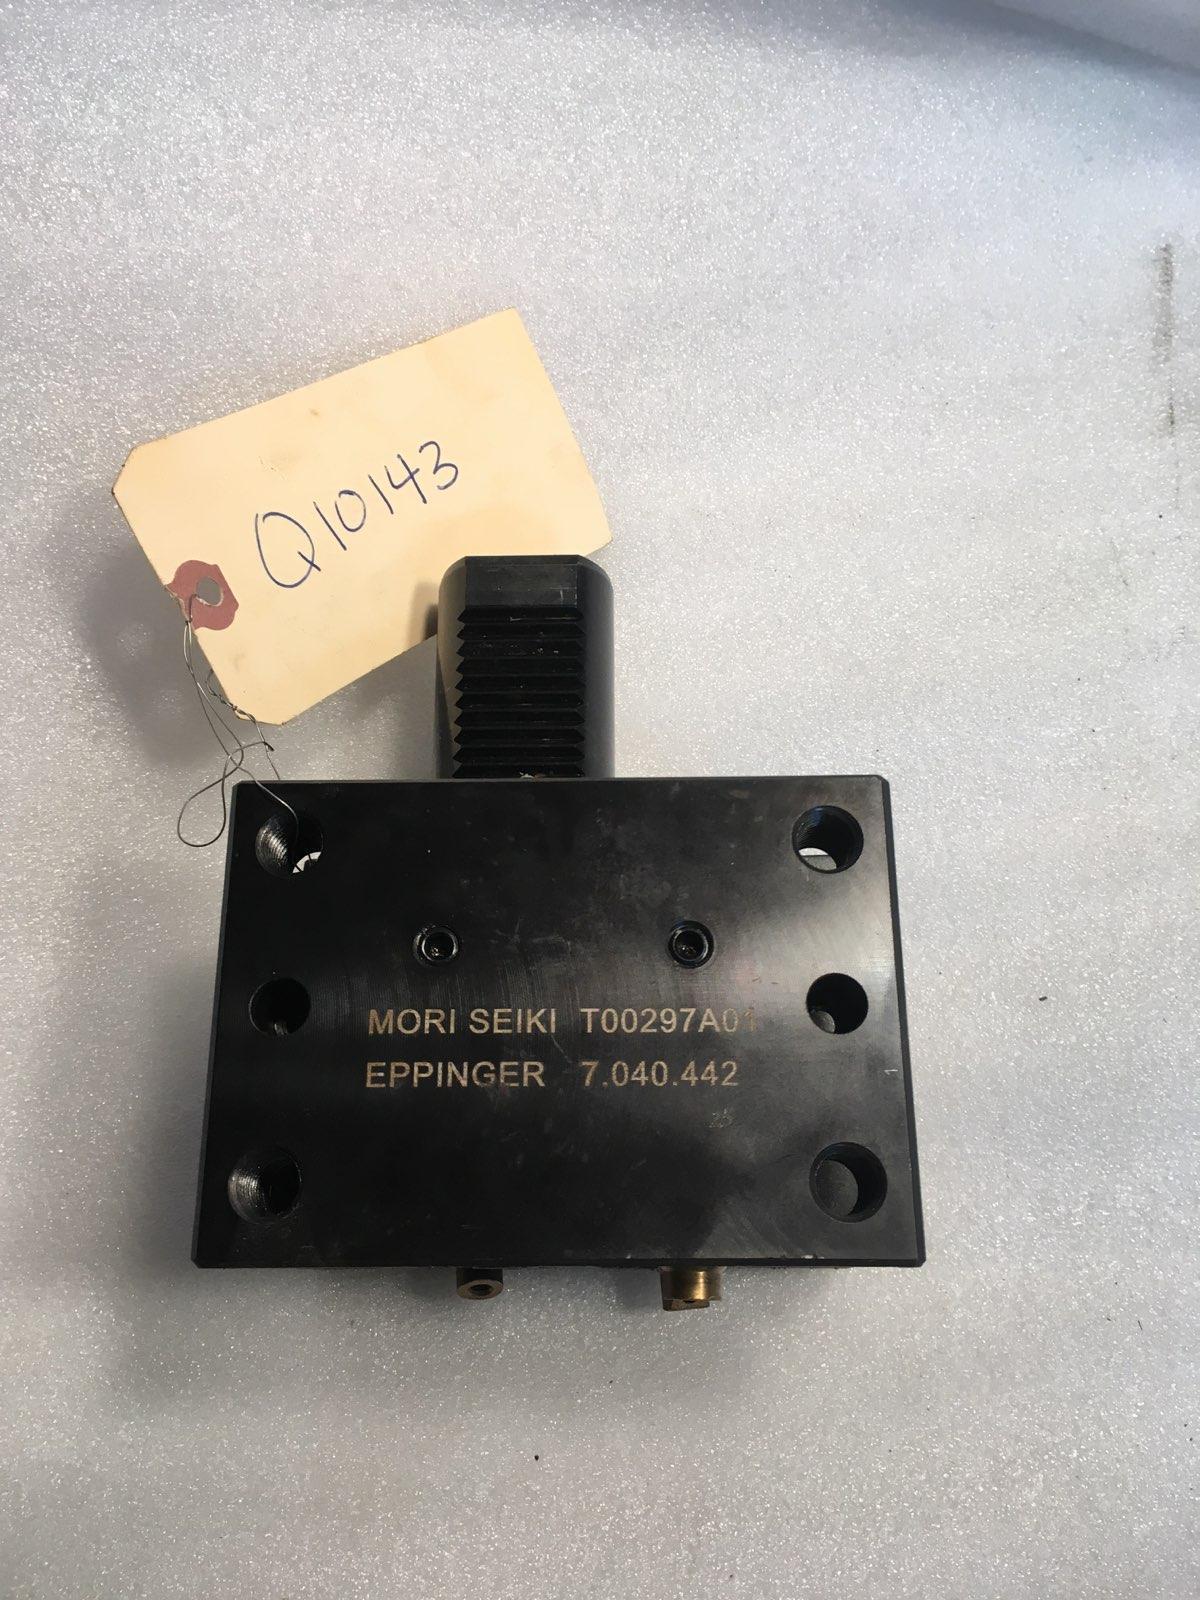 Eppinger 7.040.442 Tool Holder for Mori Seiki T100297A01